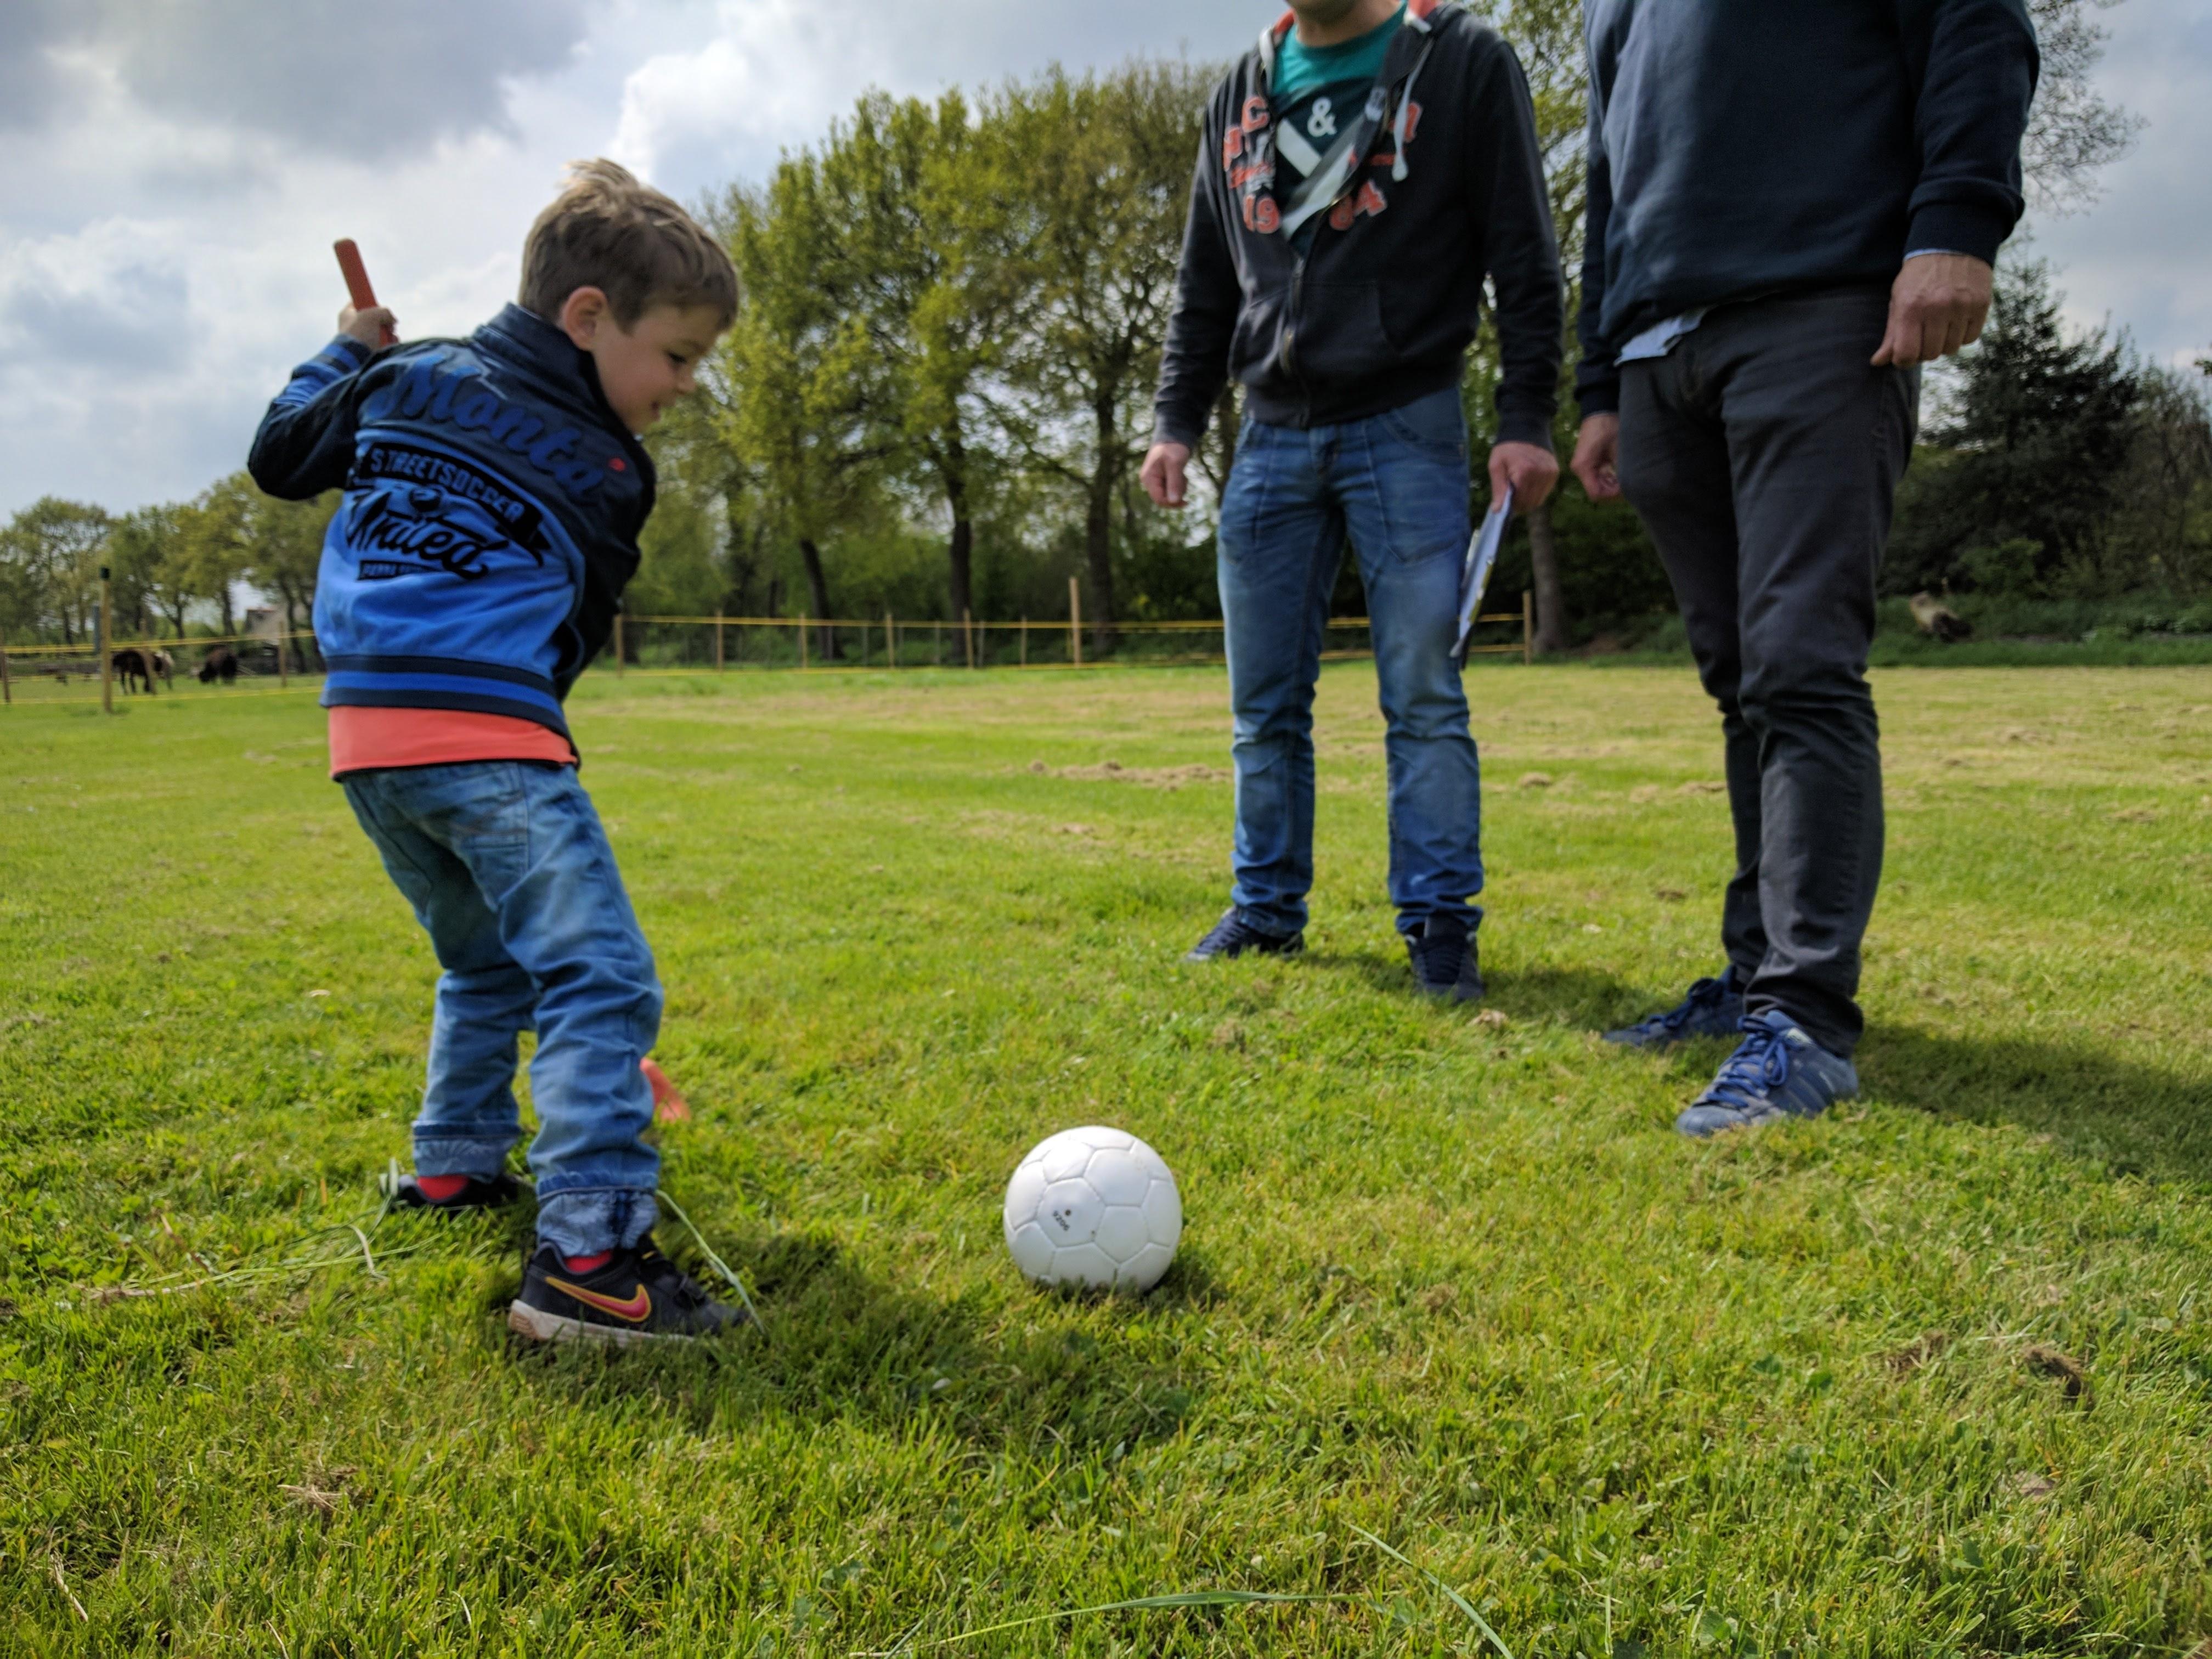 Kinderactiviteiten Overijssel - Boerengolf in Paasloo (nabij Steenwijk)